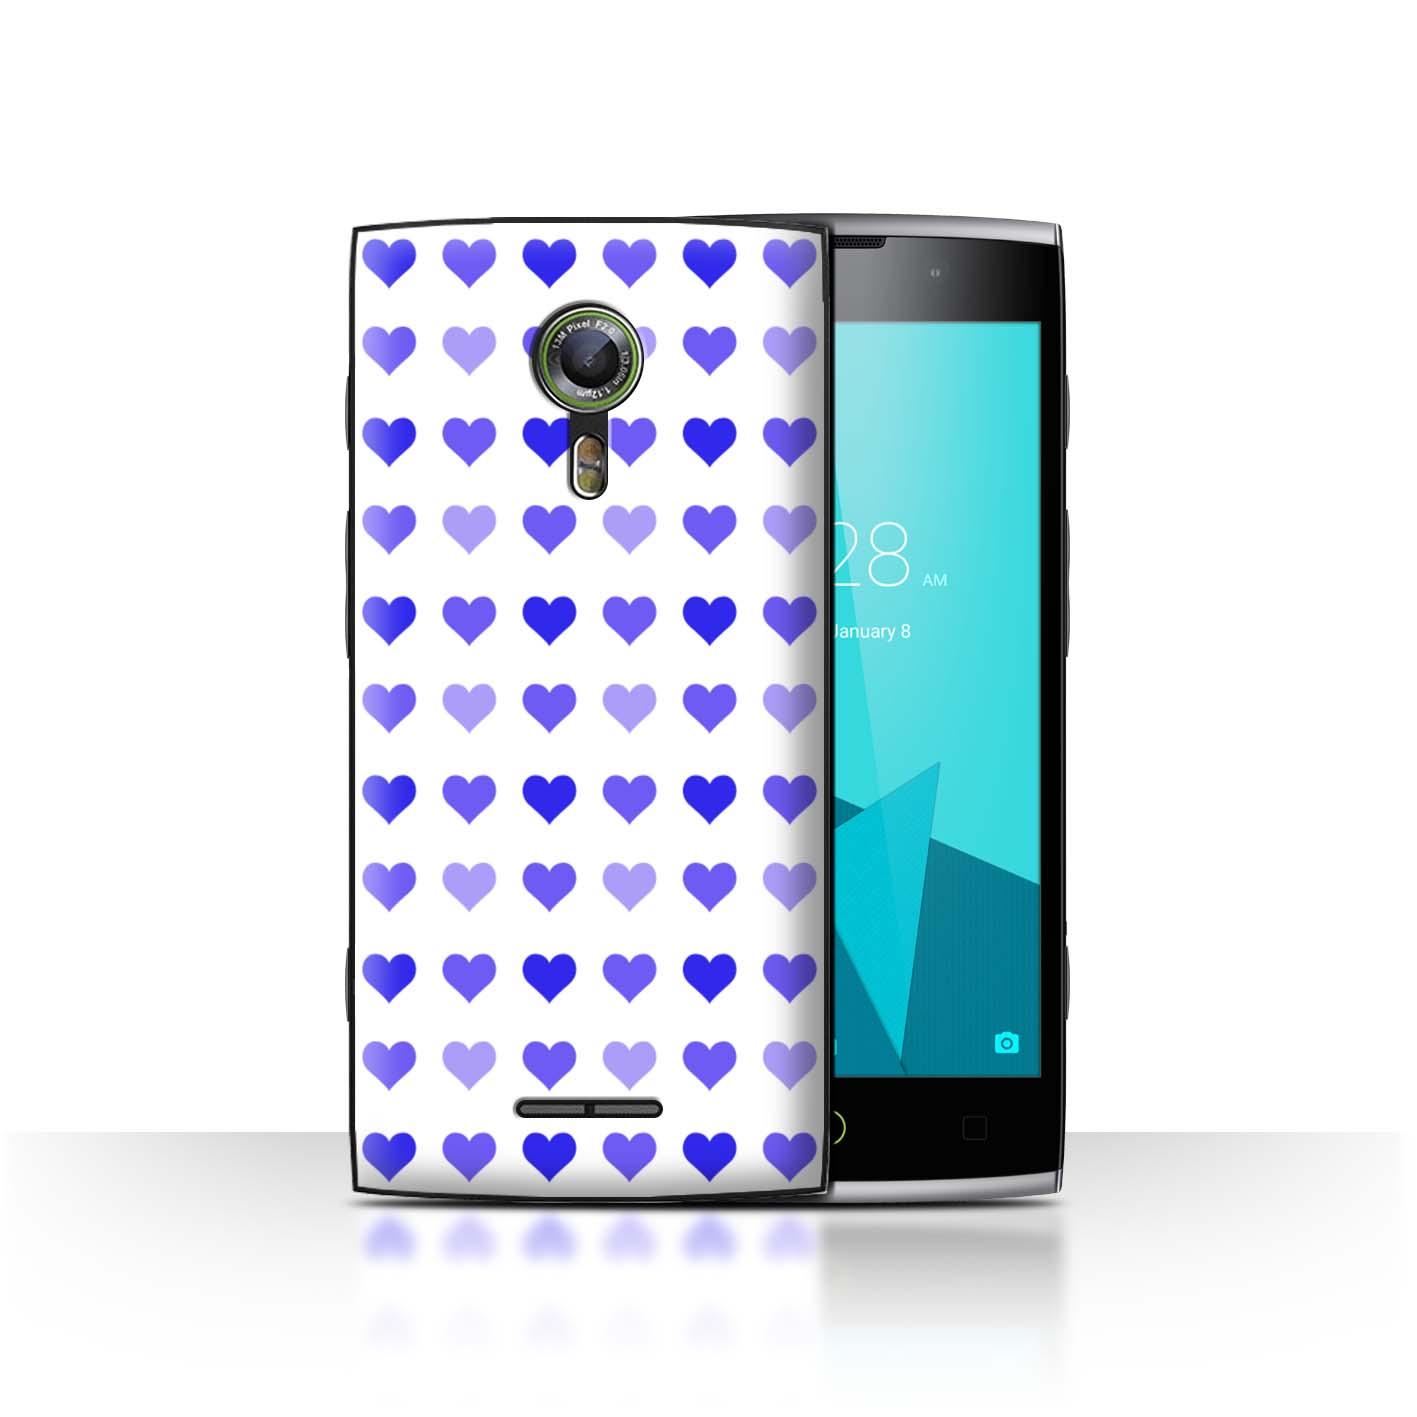 STUFF4-Back-Case-Cover-Skin-for-Alcatel-Flash-2-Love-Heart-Stencil